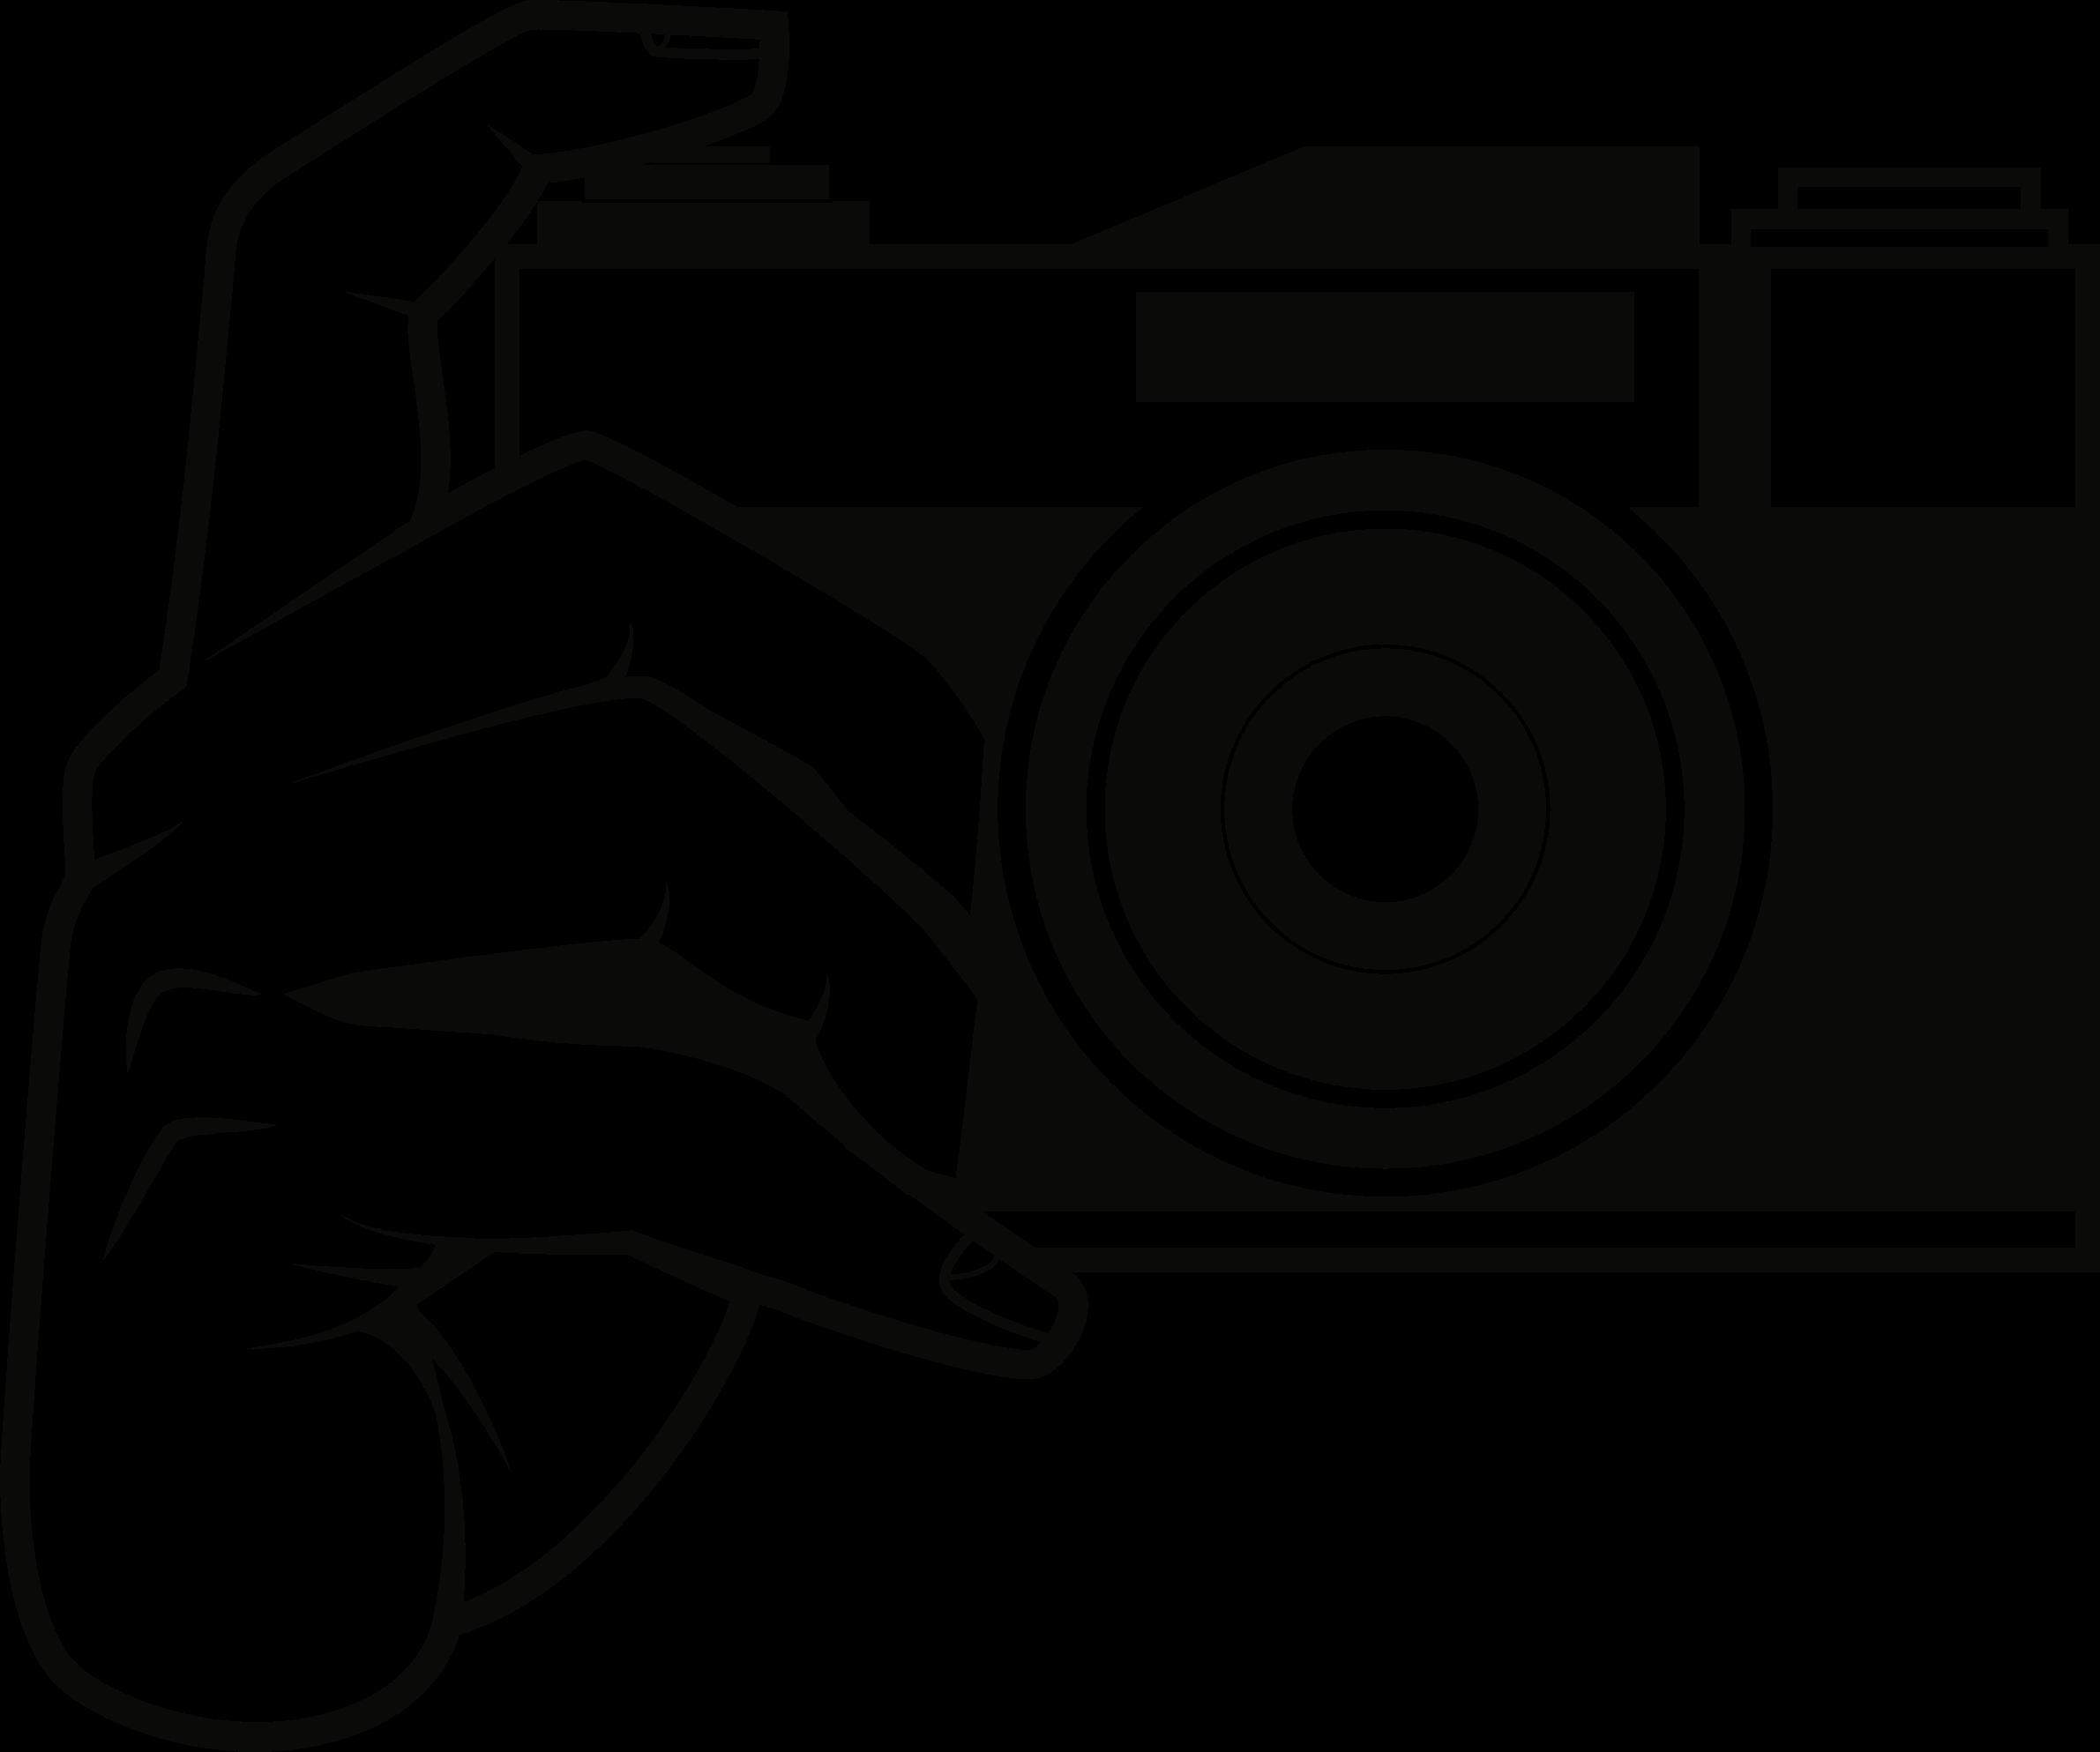 Big image png. Clipart camera